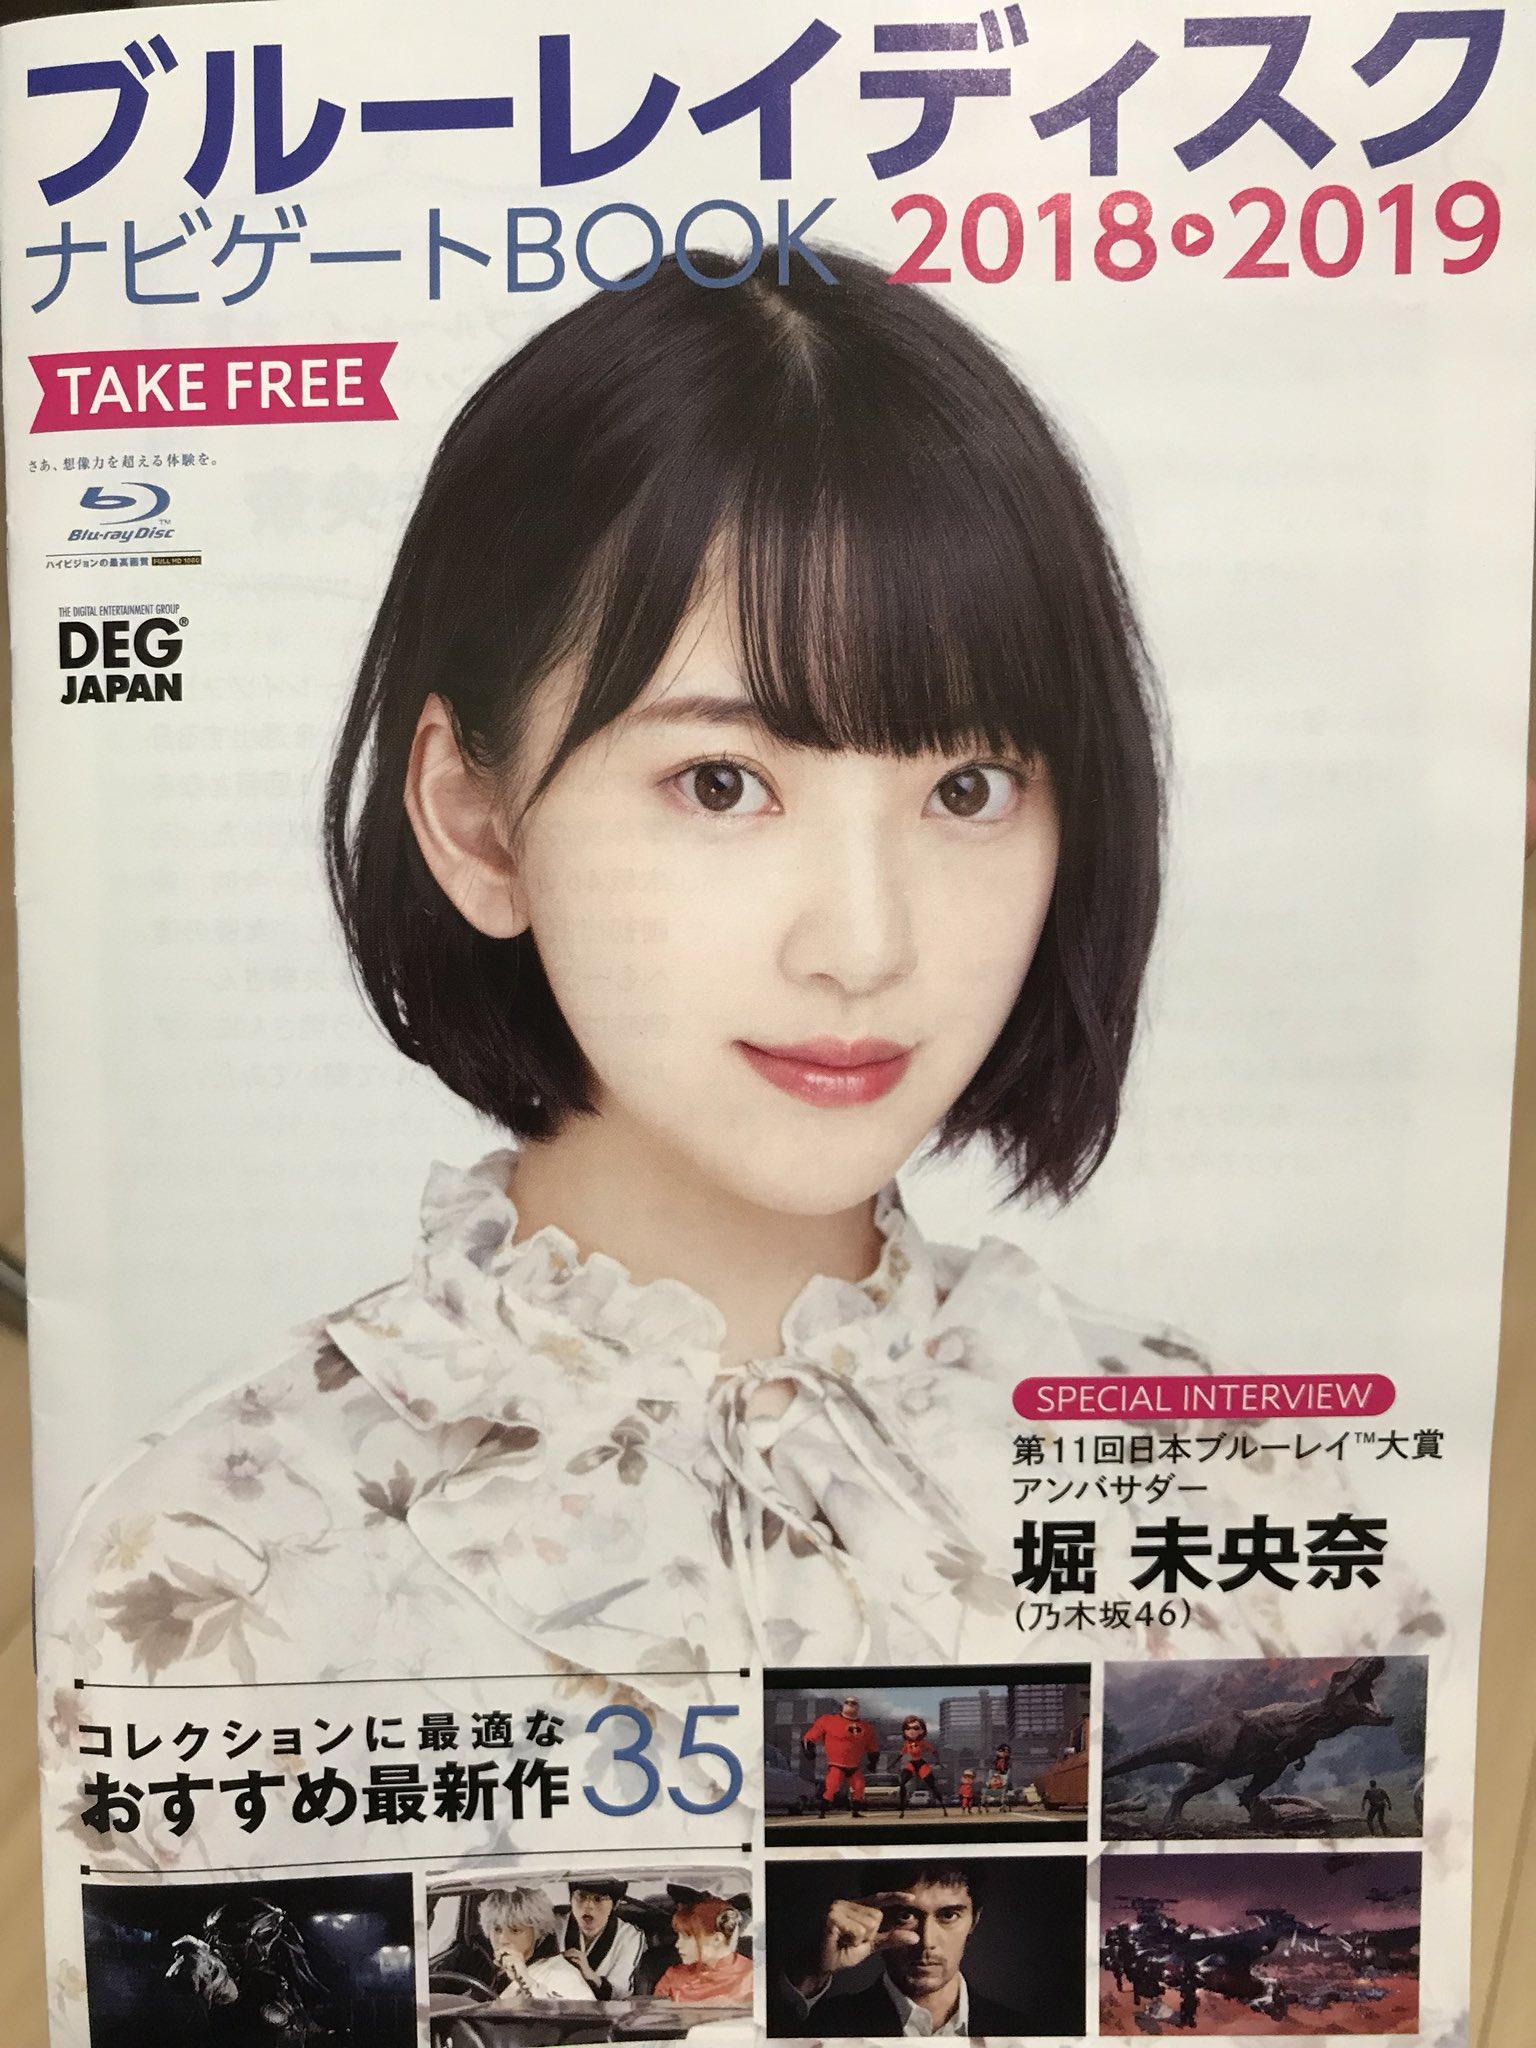 堀未央奈 第11回日本ブルーレイ大賞 アンバサダー